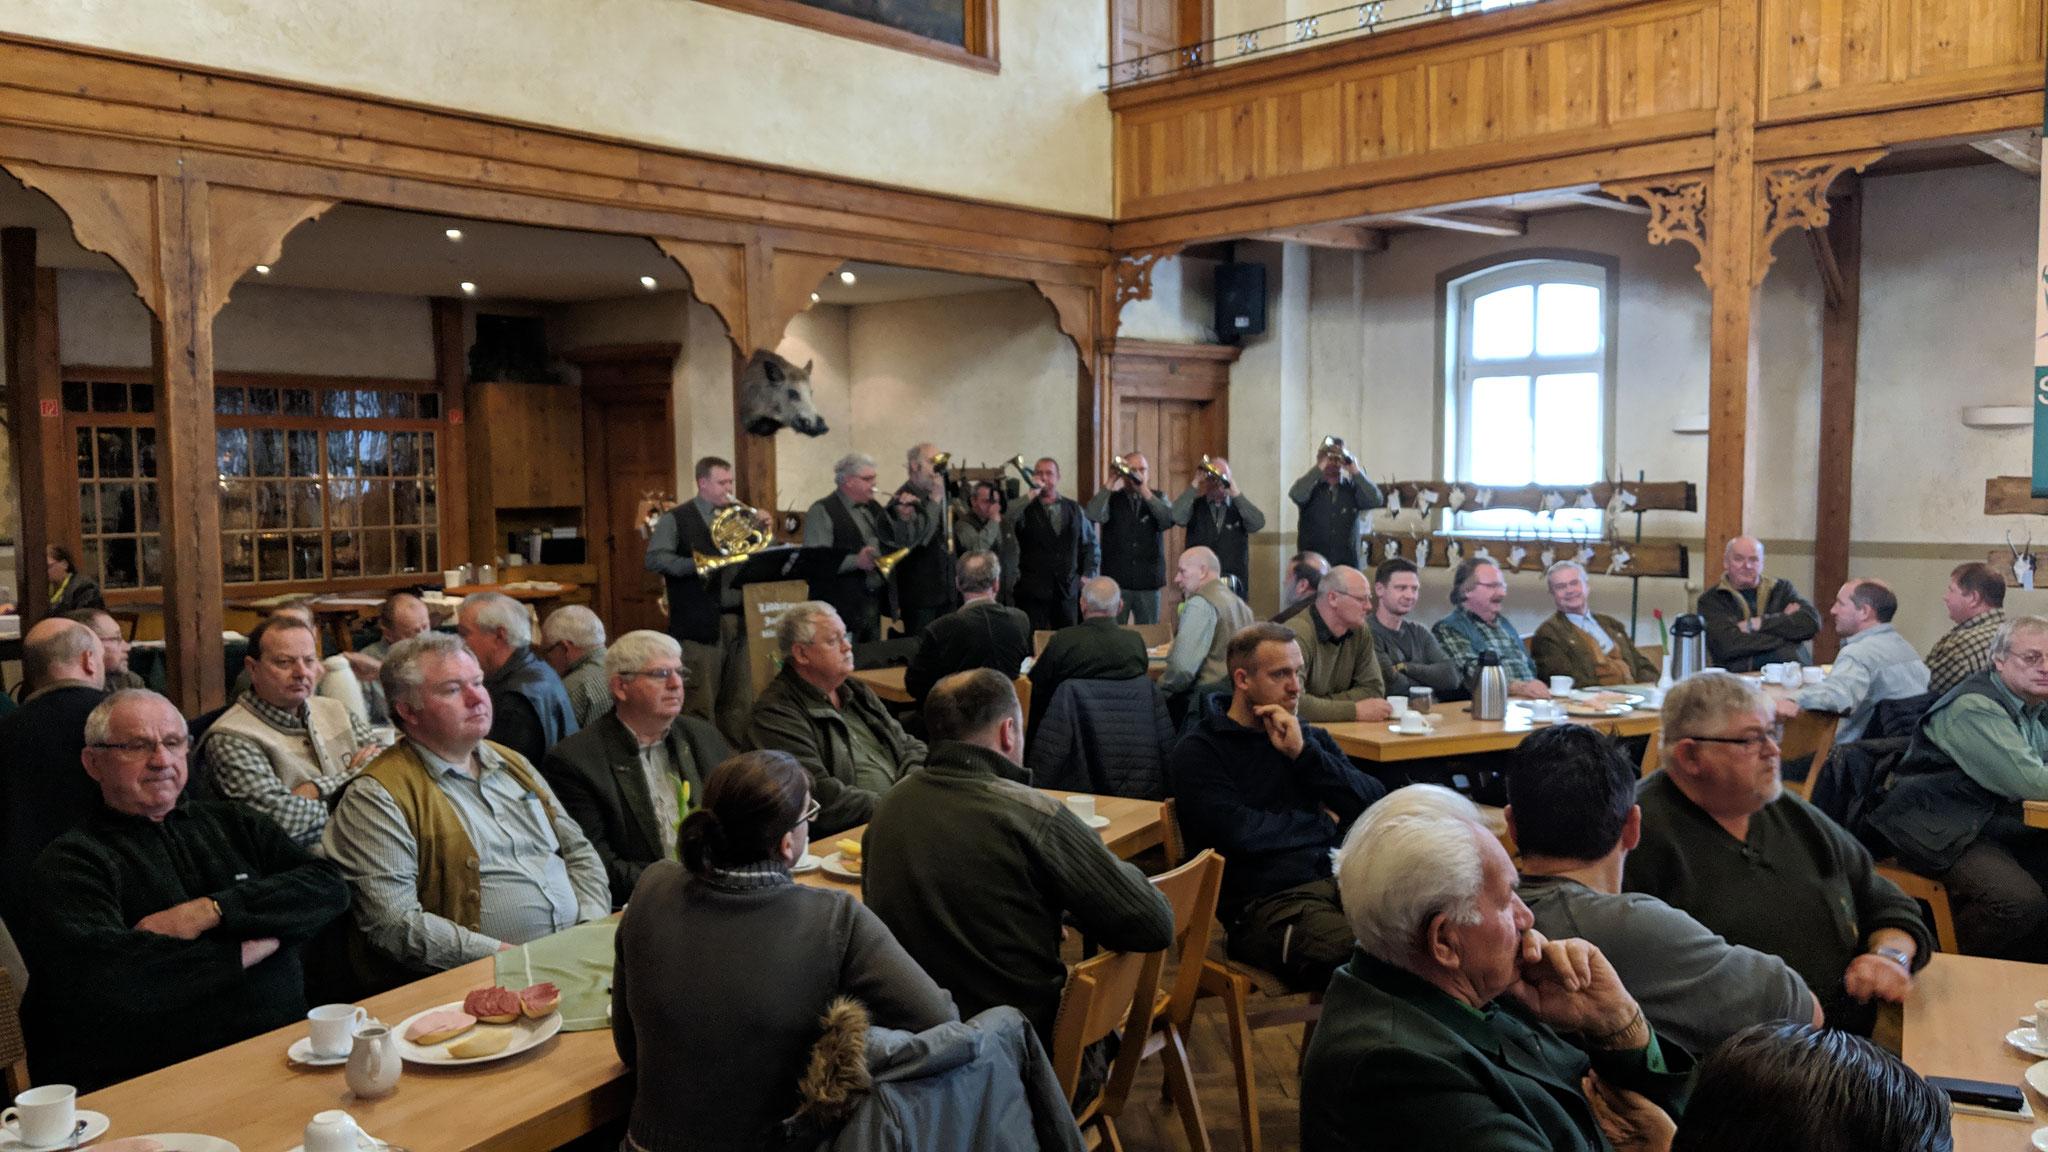 Jahreshauptversammlung der Jägerschaft- Danke an mehr als 100 Mitglieder für die Anwesenheit.